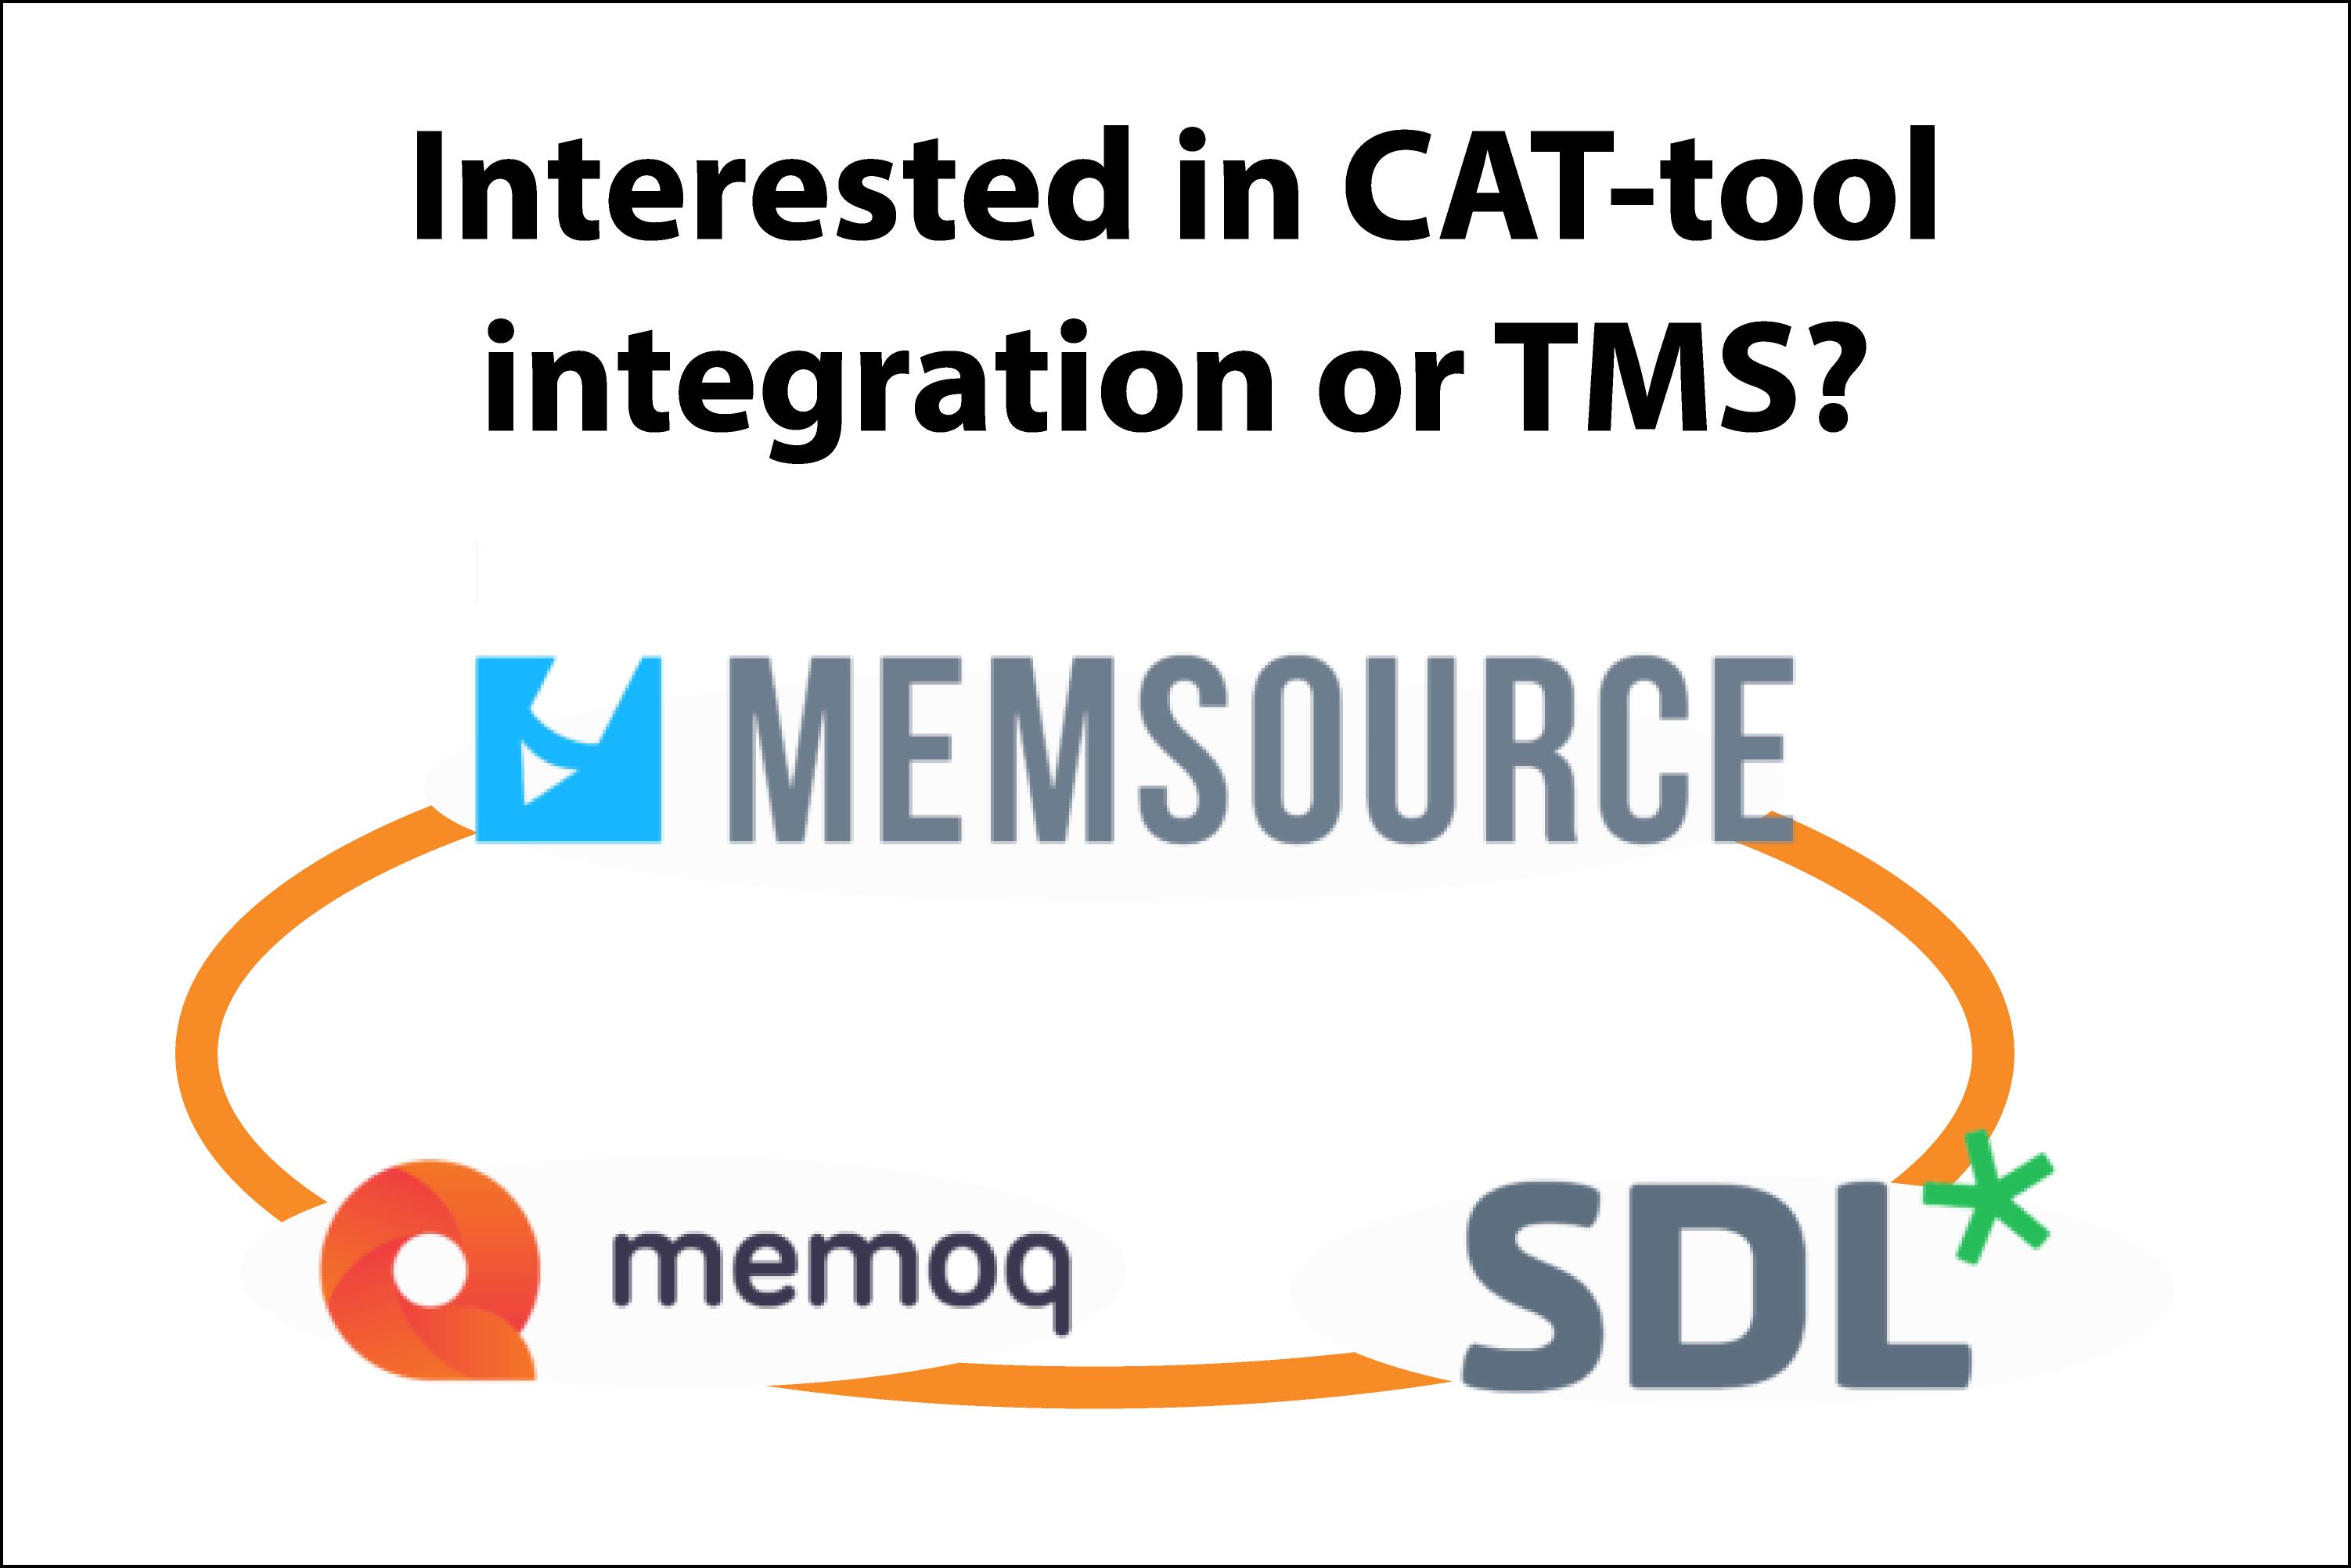 Cat Tools integration